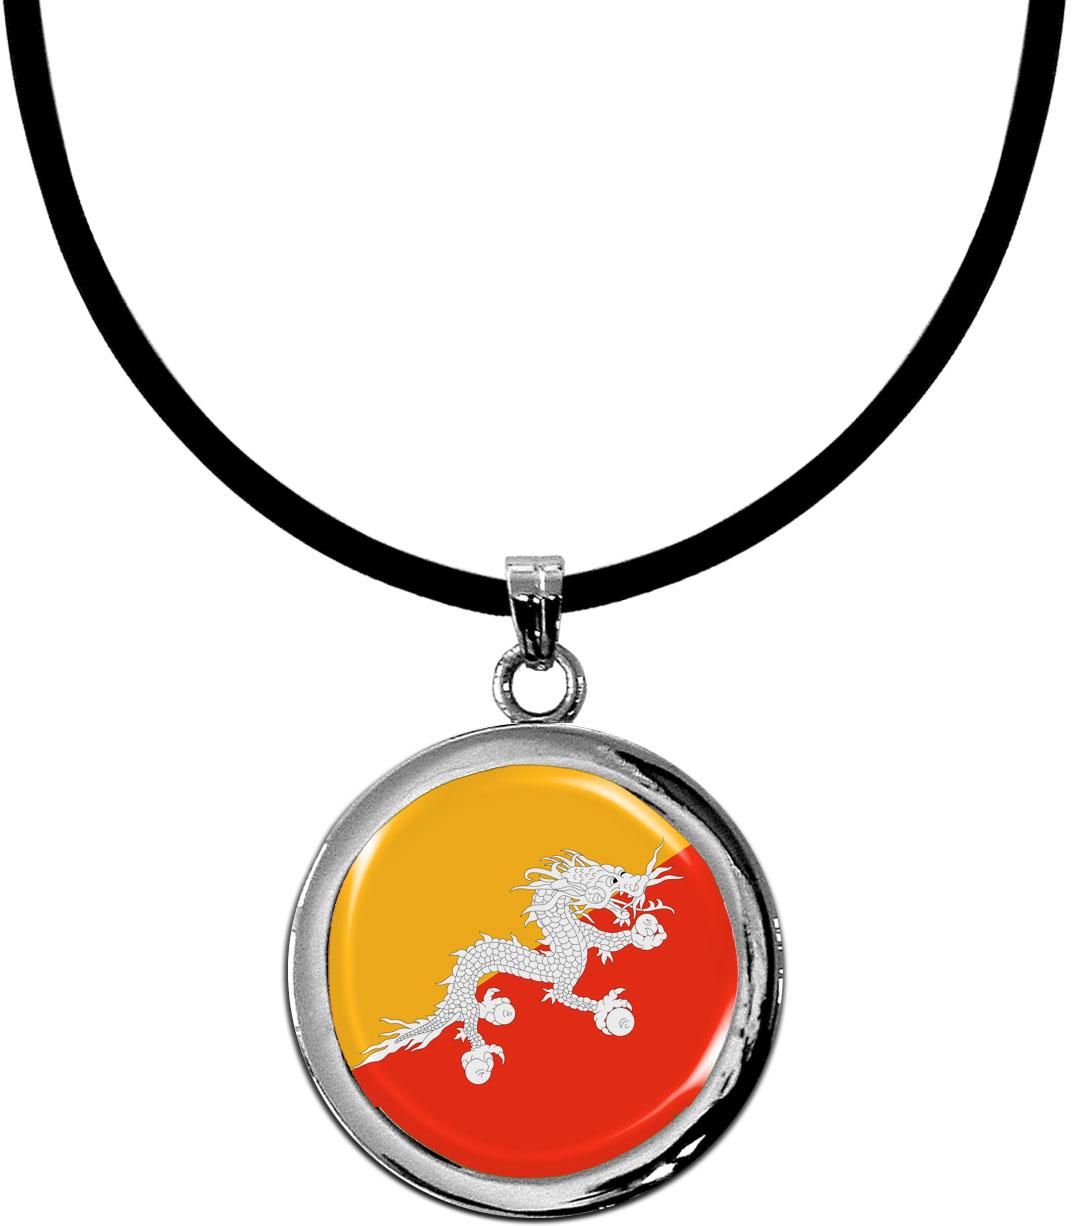 Kettenanhänger / Bhutan / Silikonband mit Silberverschluss